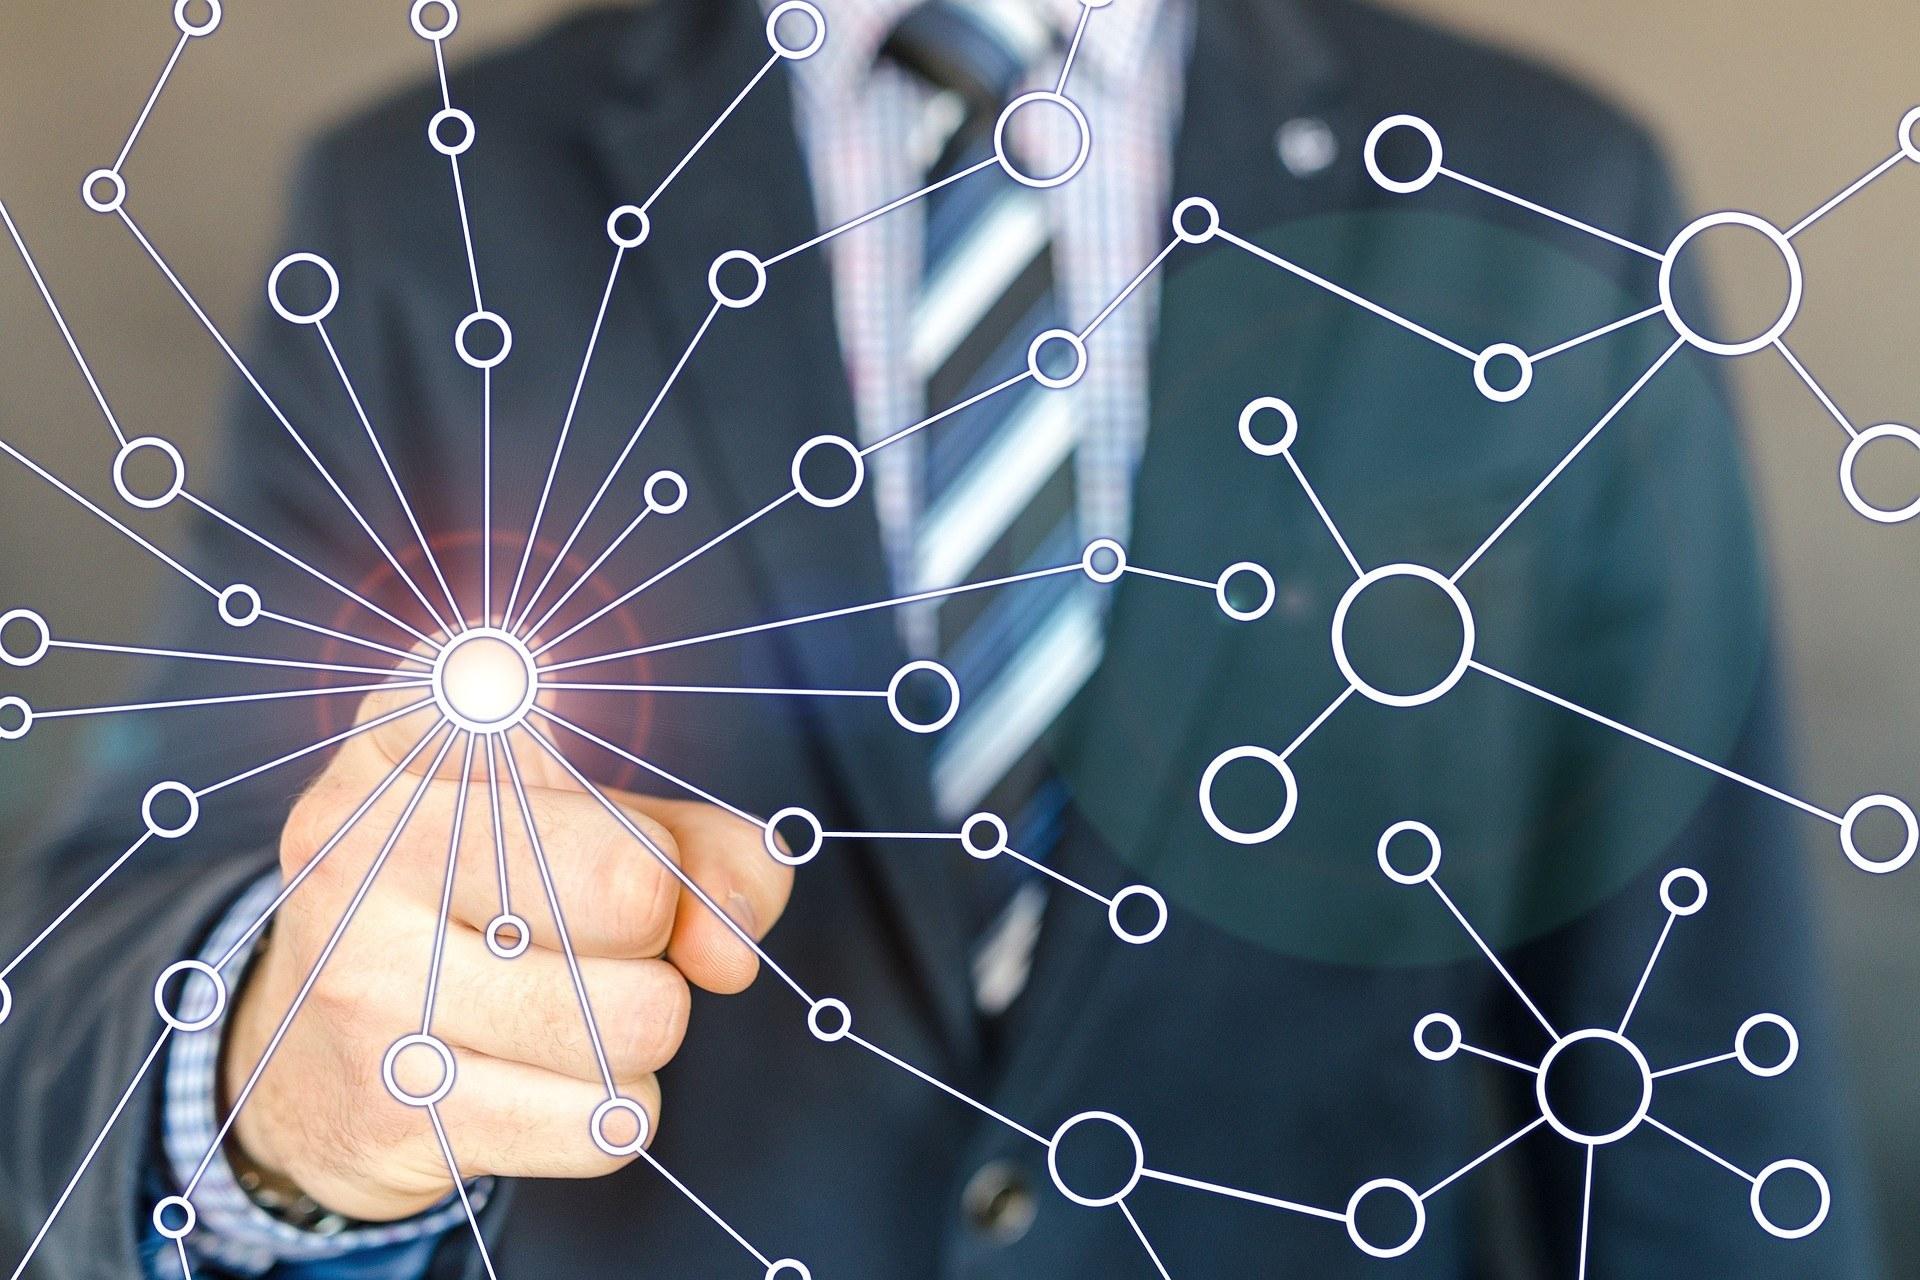 Mann i dress peker på et punkt i et illustrert nettverk